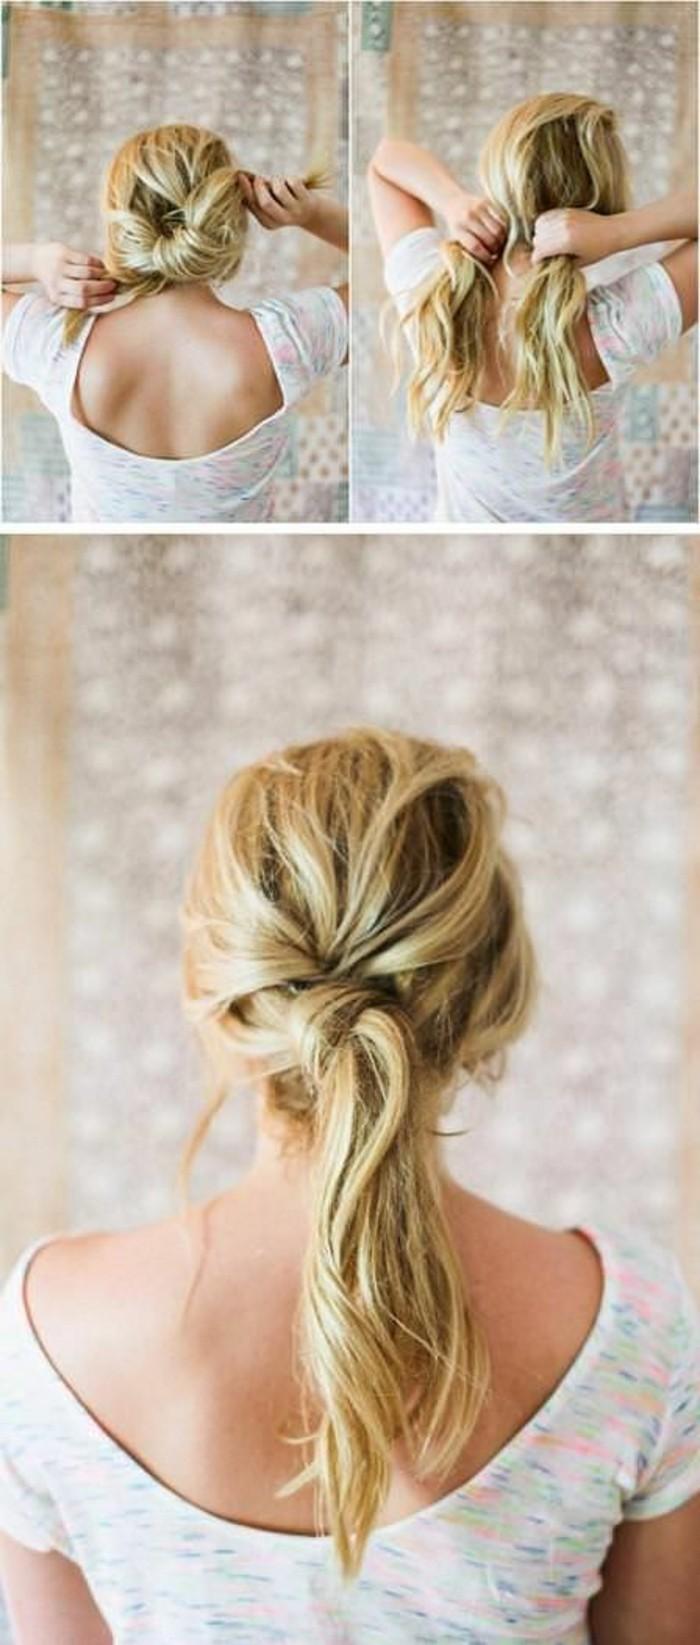 1-jolie-idee-pour-coiffure0cheveux-blonds-coiffure-cheveux-attachés-tendance-2016-femm